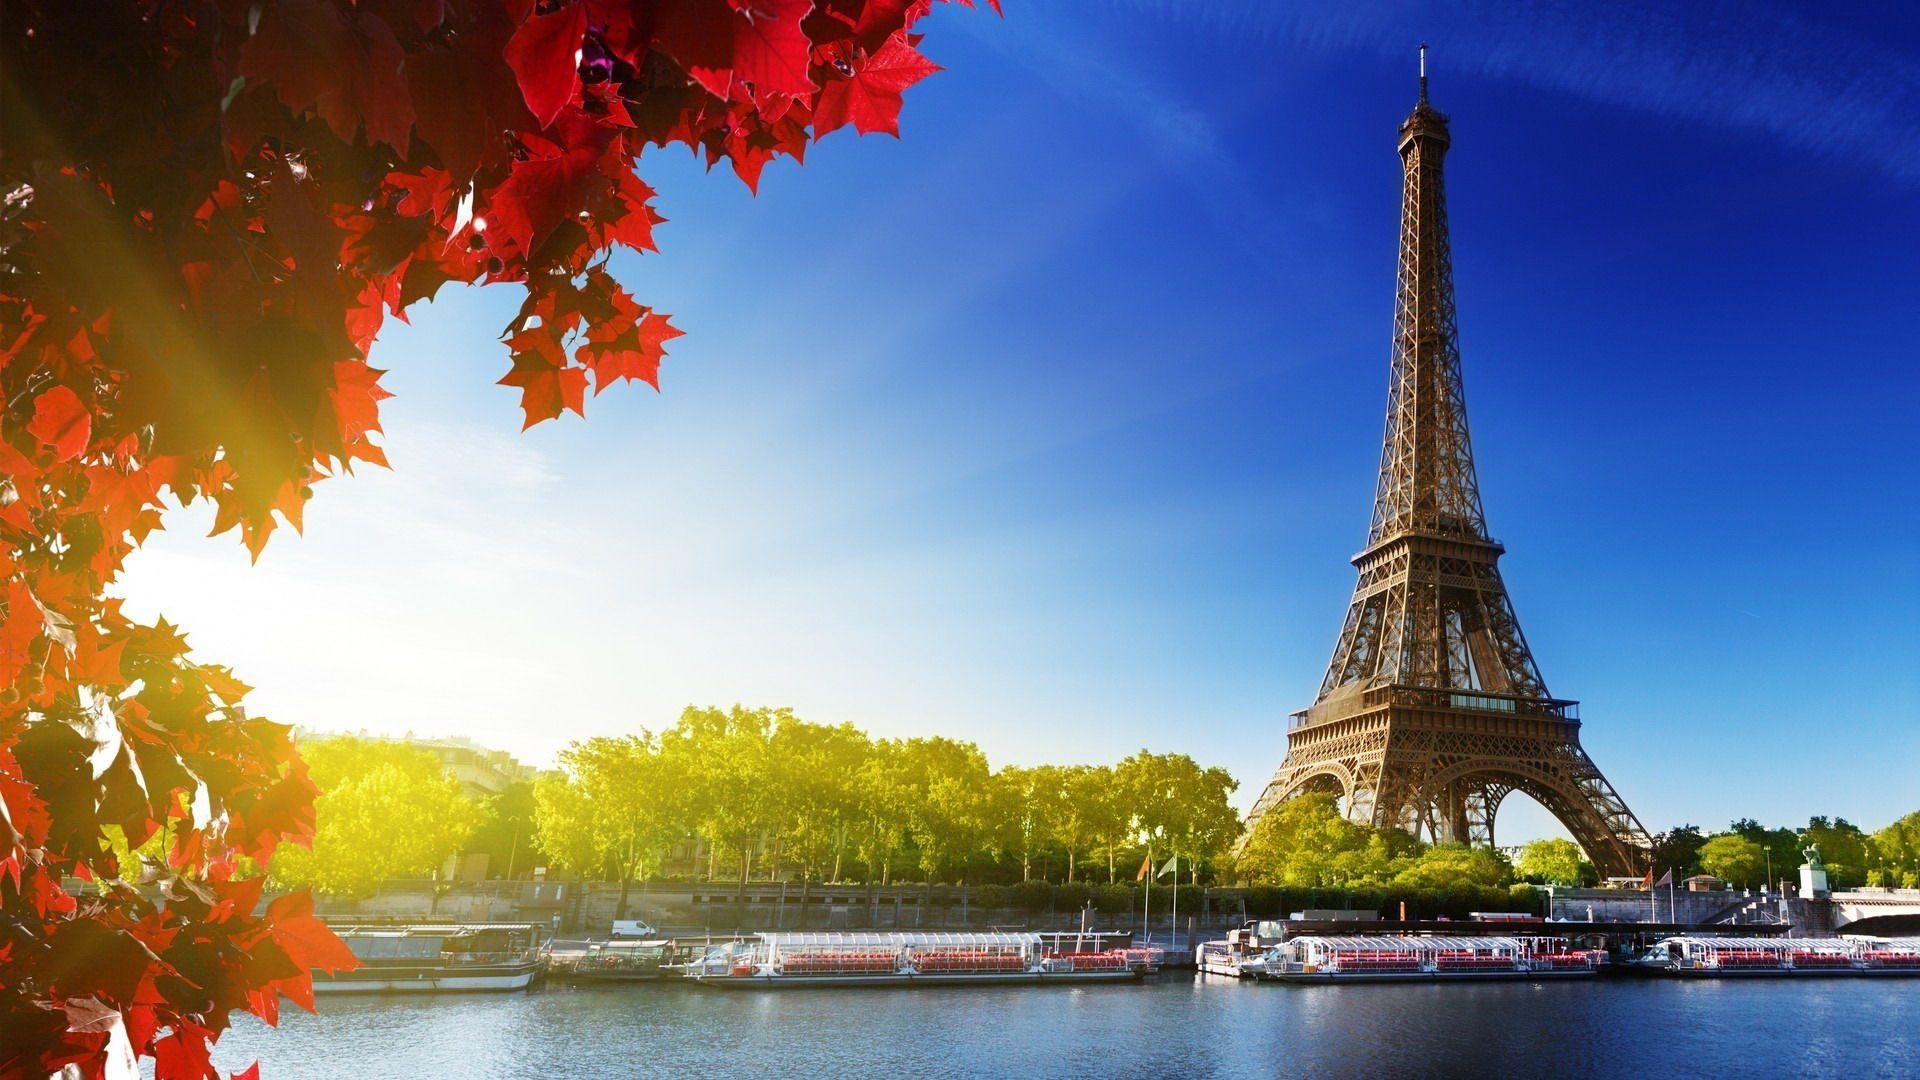 Weekend Majowy 2014 w Paryży, Paryż express, Francja, Wycieczki Objazdowe, Weekendy, Wycieczki Objazdowe, Weekend Majowy, Weekend Majowy, Ec...